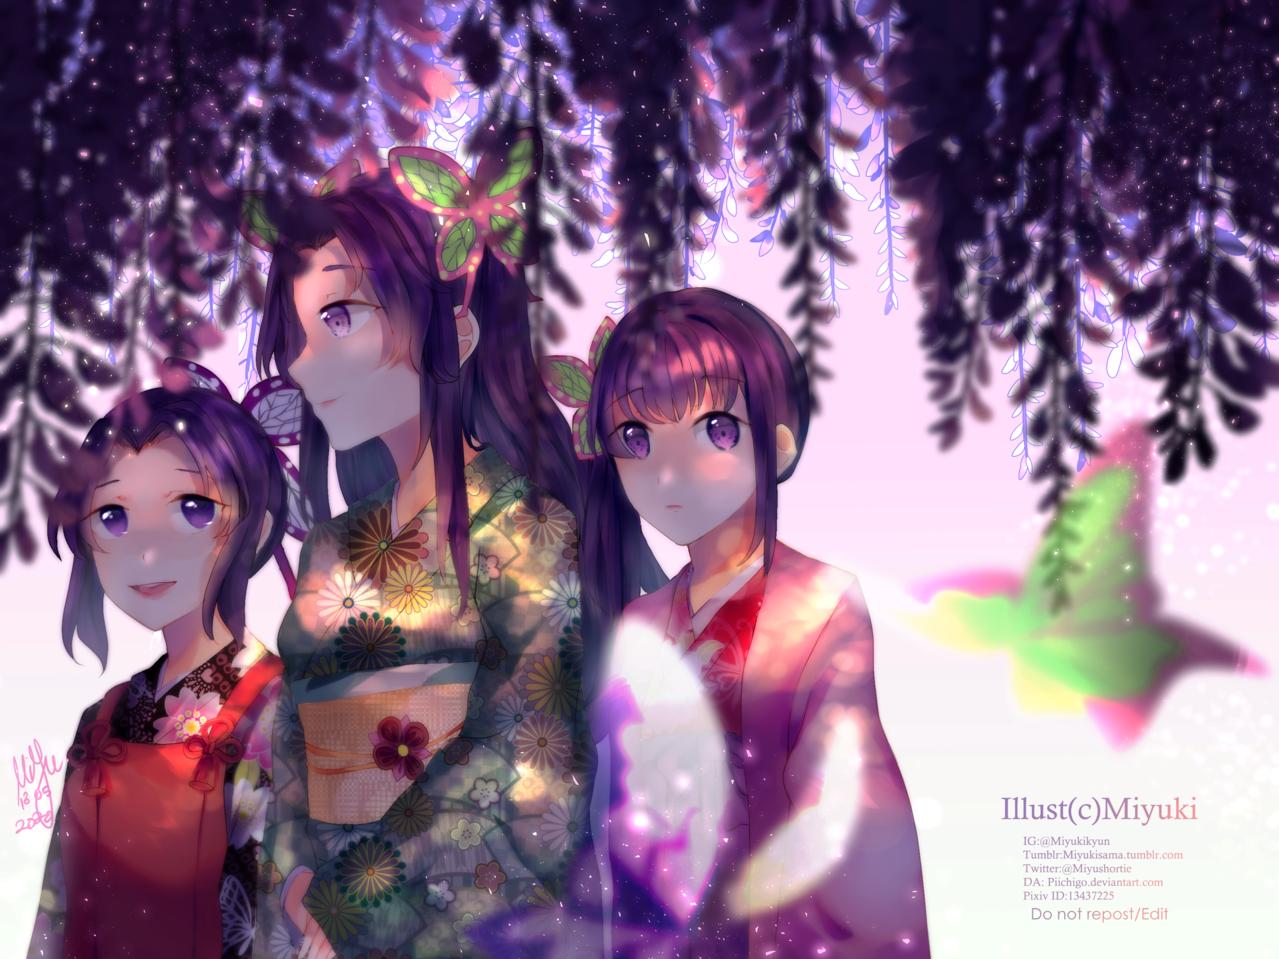 藤花 Illust of Miyuky1910 DemonSlayerFanartContest KochouShinobu TsuyuriKanao KimetsunoYaiba digital kimono flowers fanart